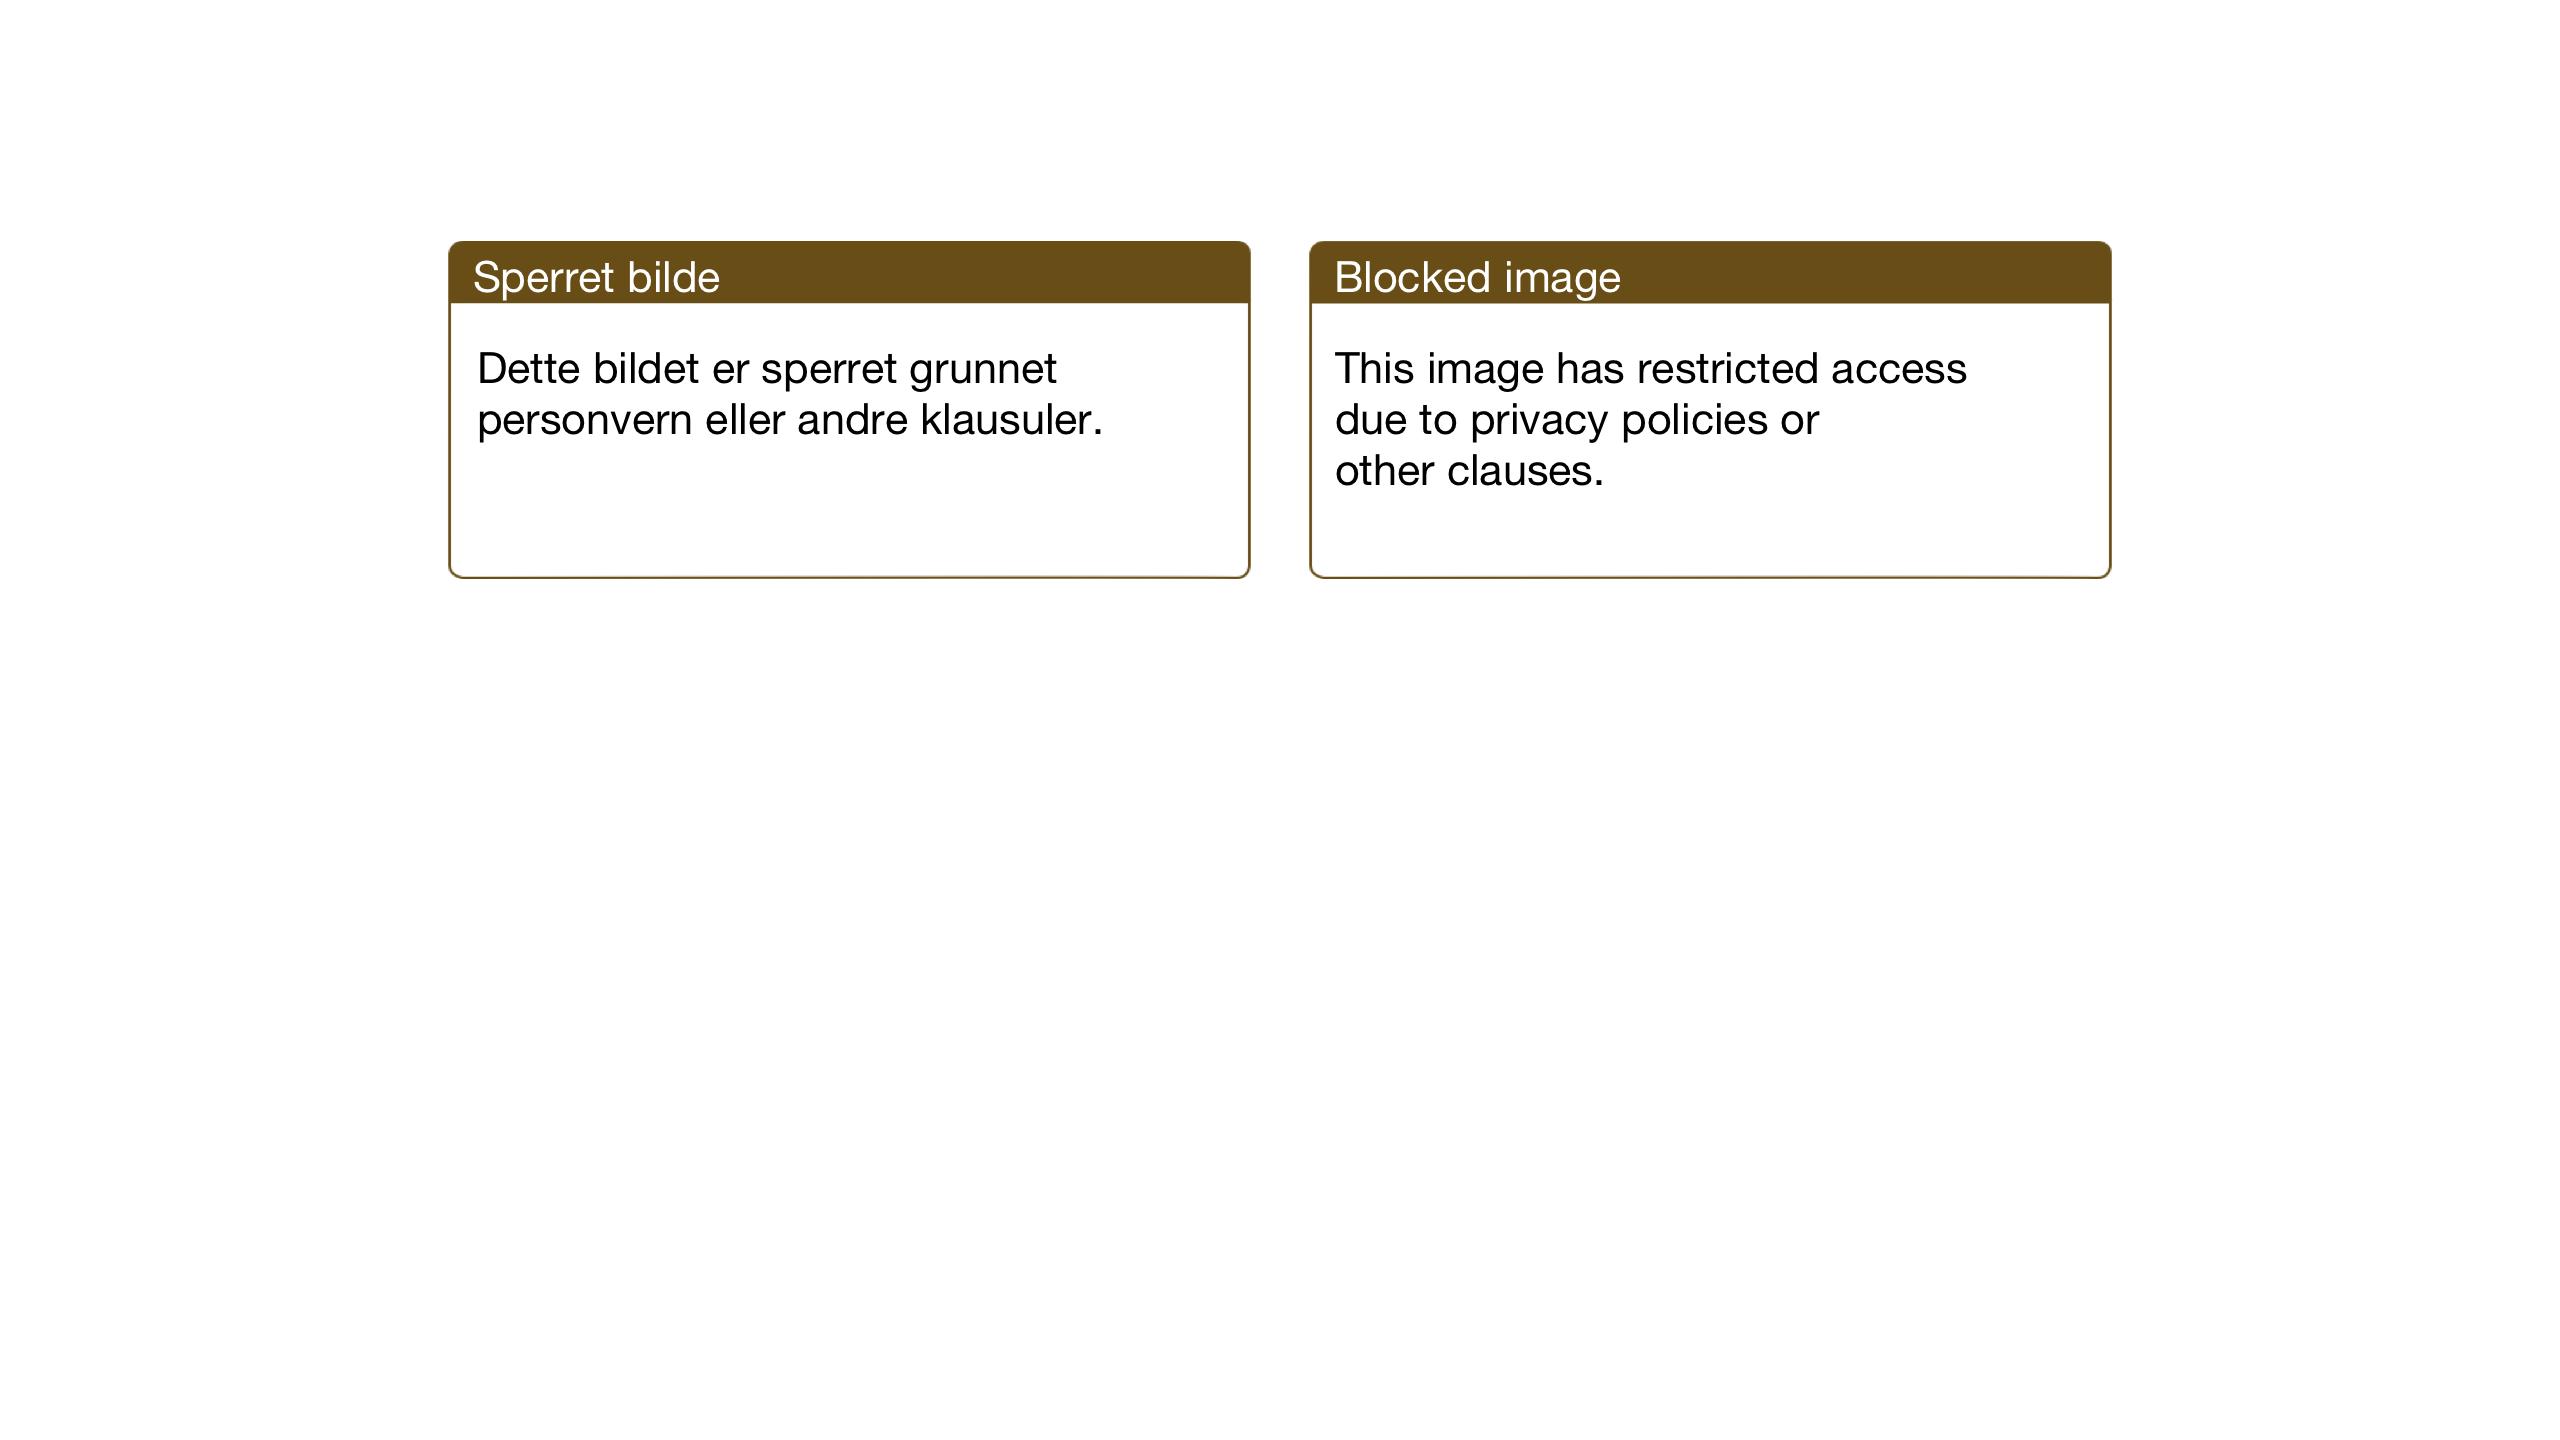 SAT, Ministerialprotokoller, klokkerbøker og fødselsregistre - Sør-Trøndelag, 640/L0590: Klokkerbok nr. 640C07, 1935-1948, s. 83